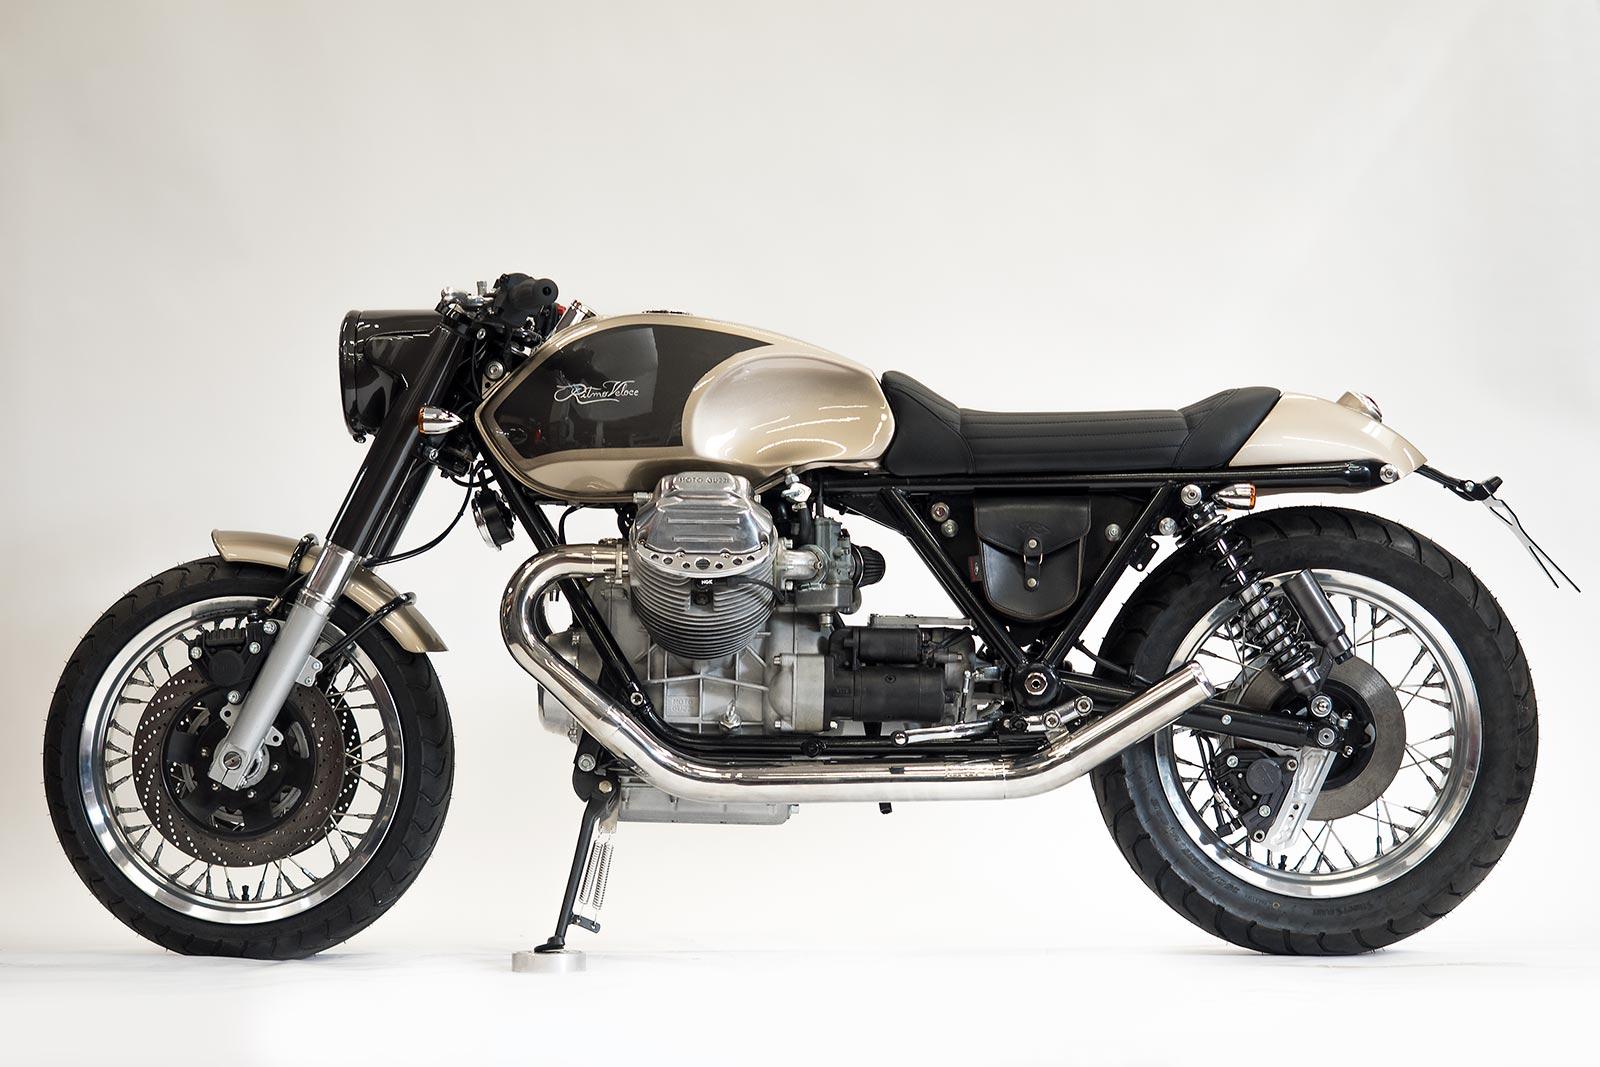 Moto Guzzi Ritmo Veloce by Officine Rossopuro (6)